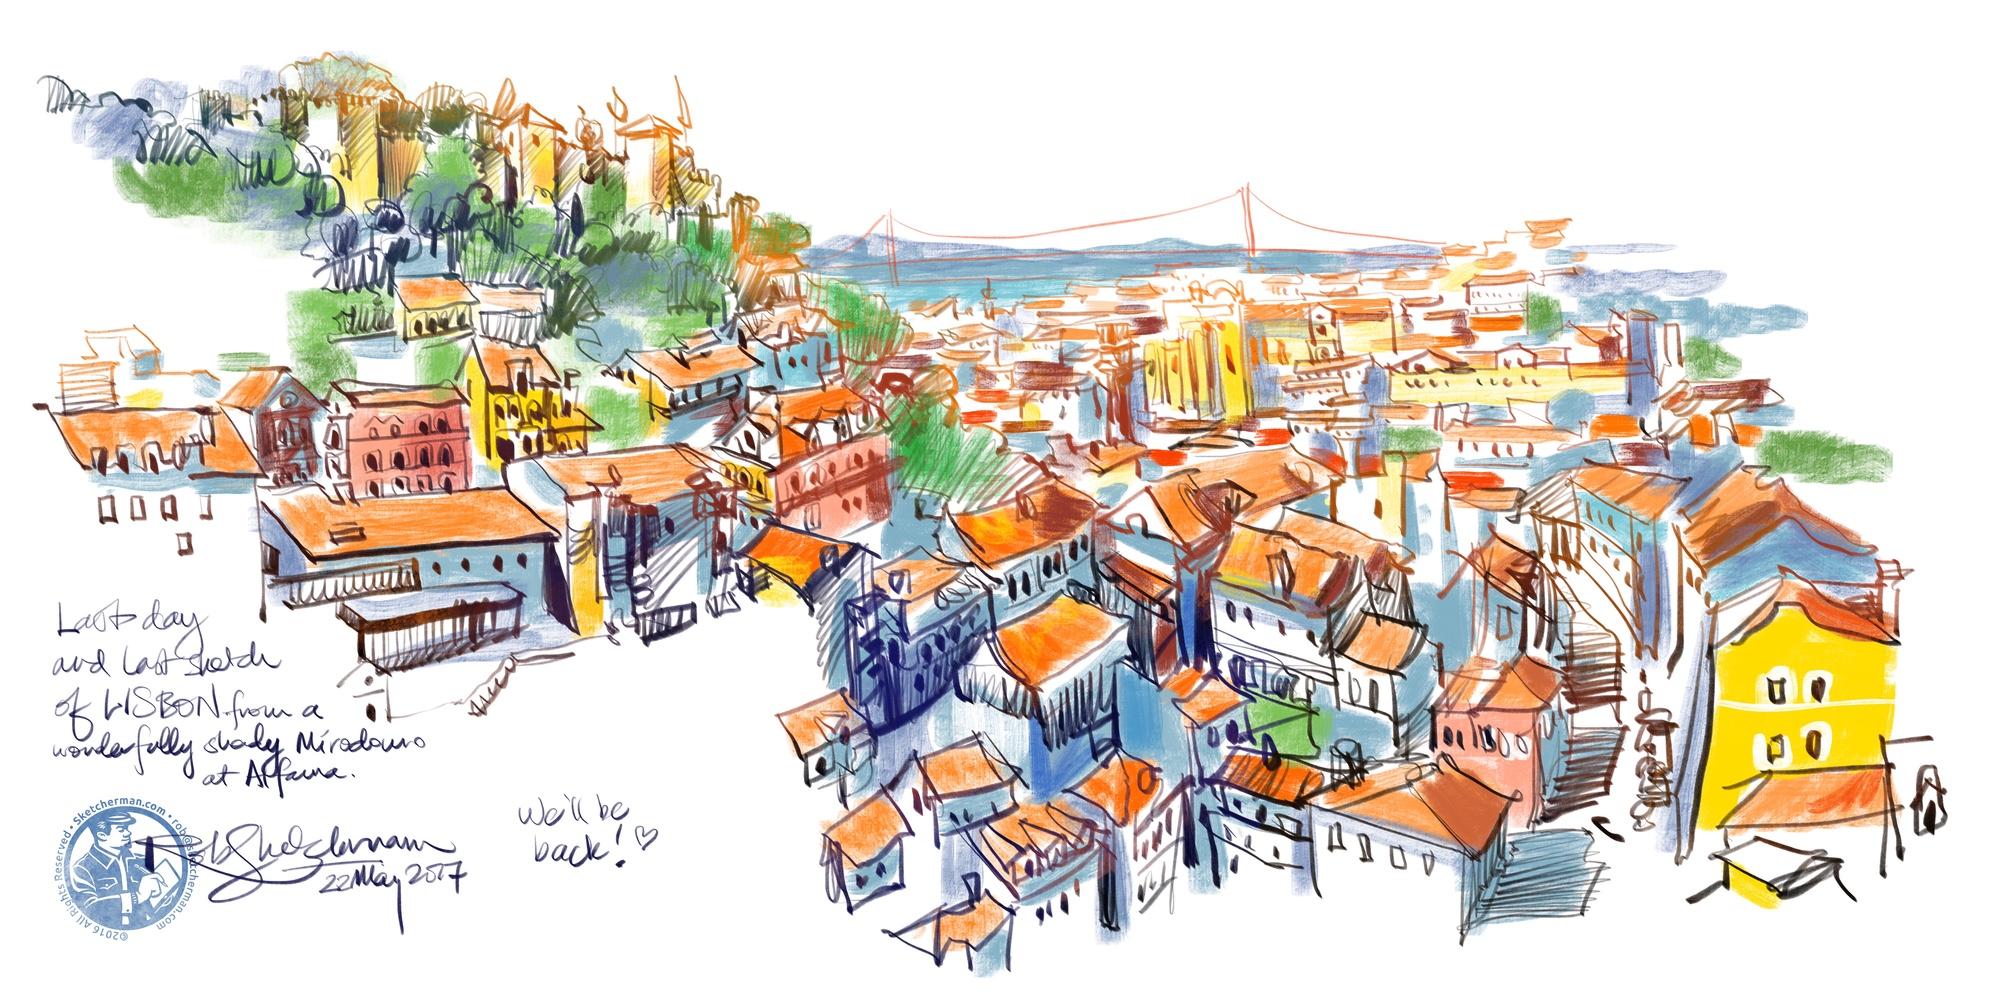 Portugal_2017-Alfama view-Sketcherman.jpg